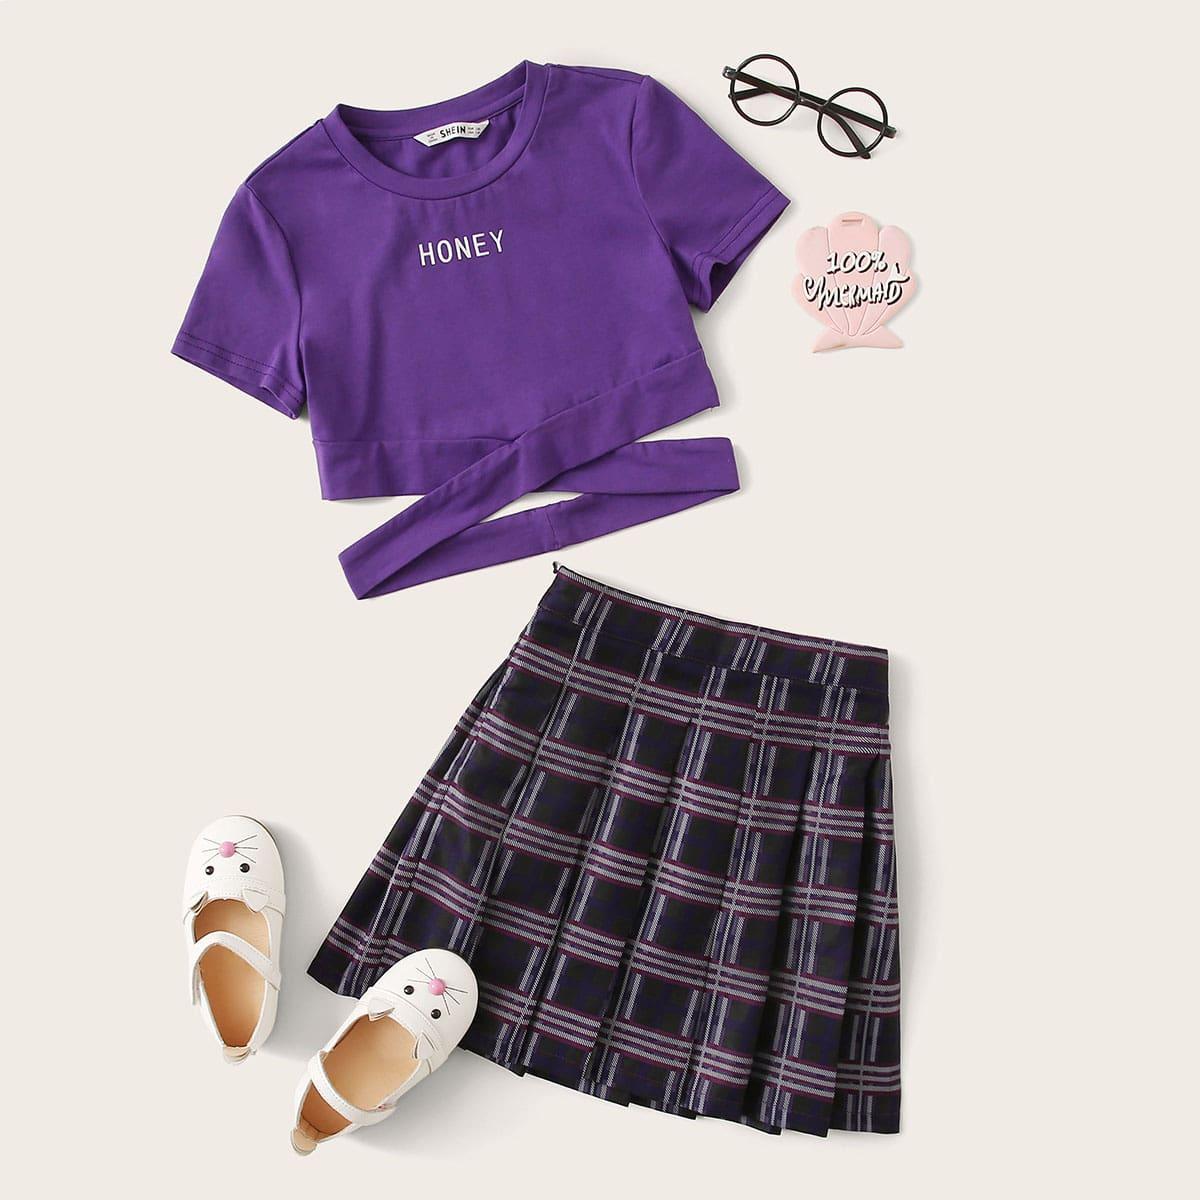 Плиссированная юбка и футболка с текстовым принтом для девочек фото